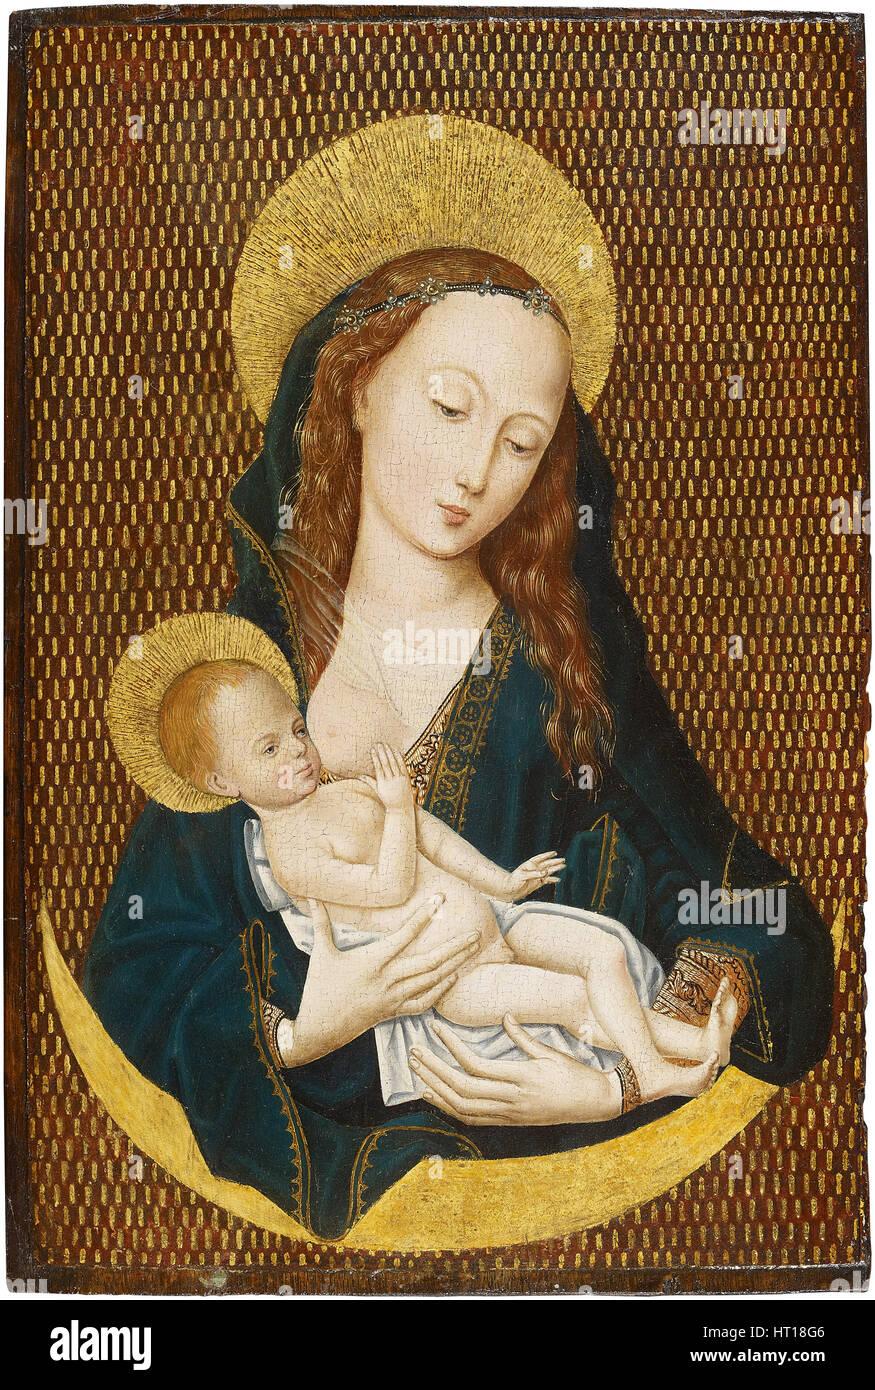 Maria lactans su una falce di luna, ca 1485. Artista: Maestro della Maddalena, legenda (officina) Immagini Stock